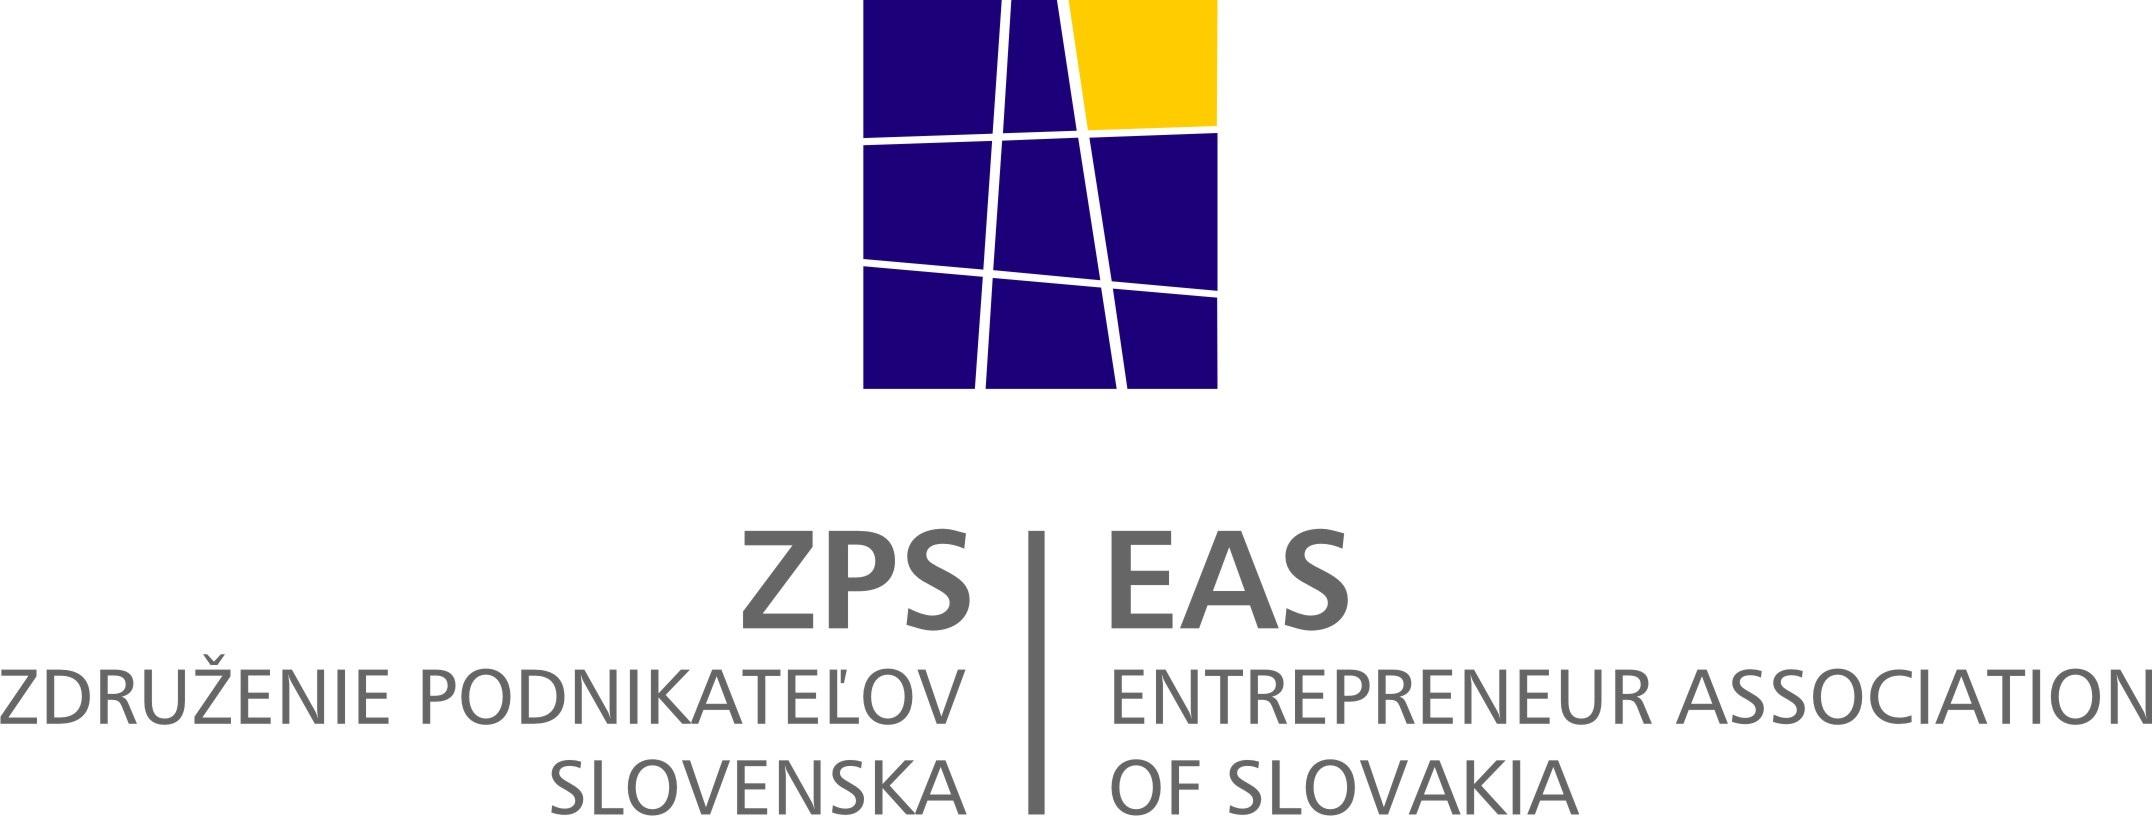 http://www.asep-sr.sk/data/partner-logos/zpslogo.jpg